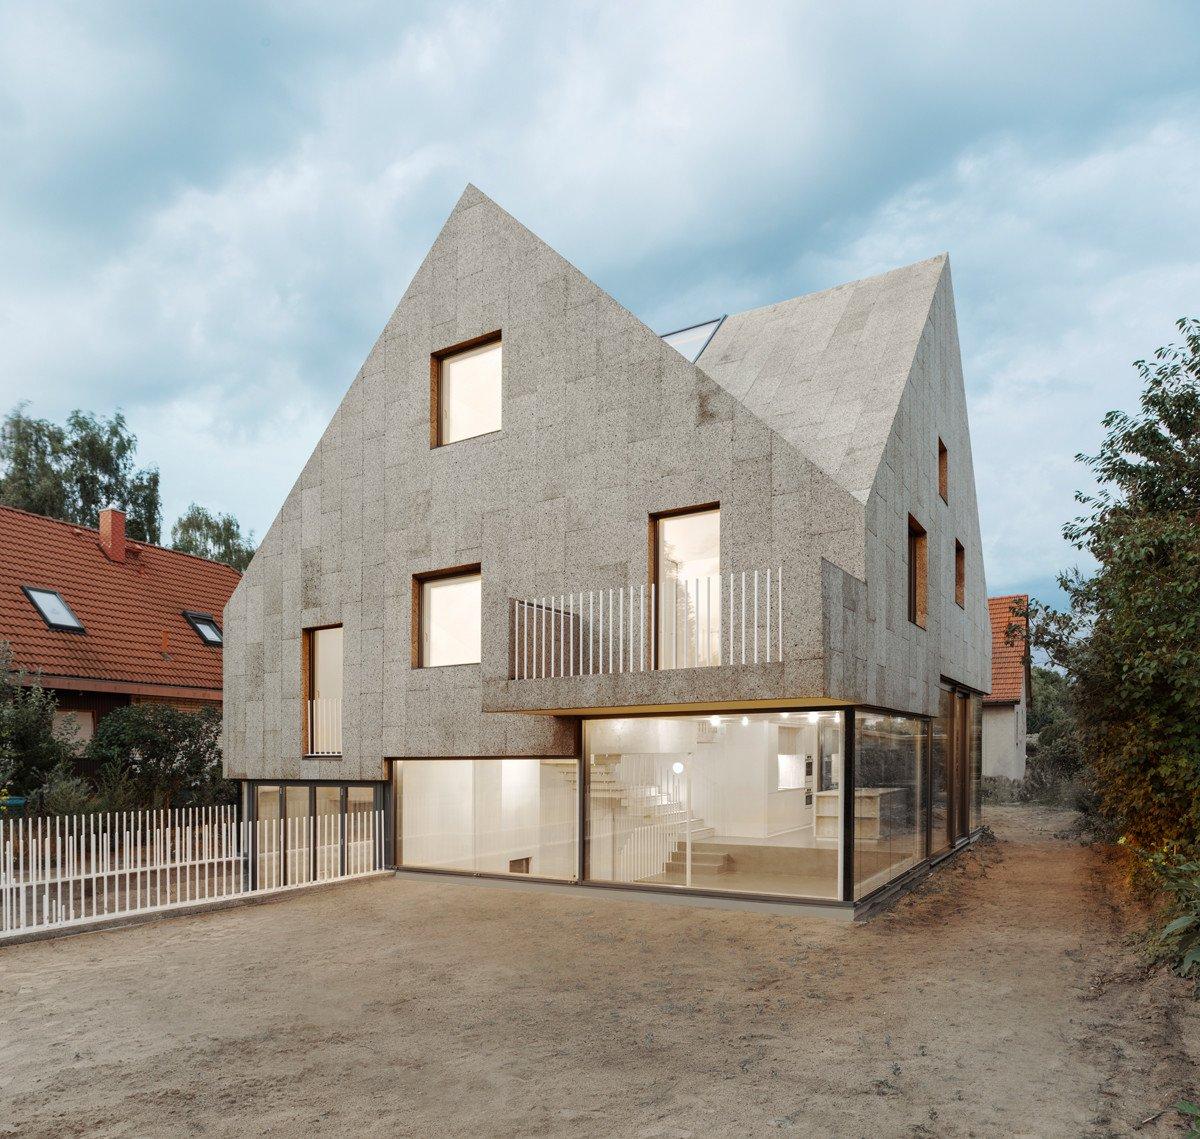 Viergiebelhaus In Berlin Geneigtes Dach Wohnen